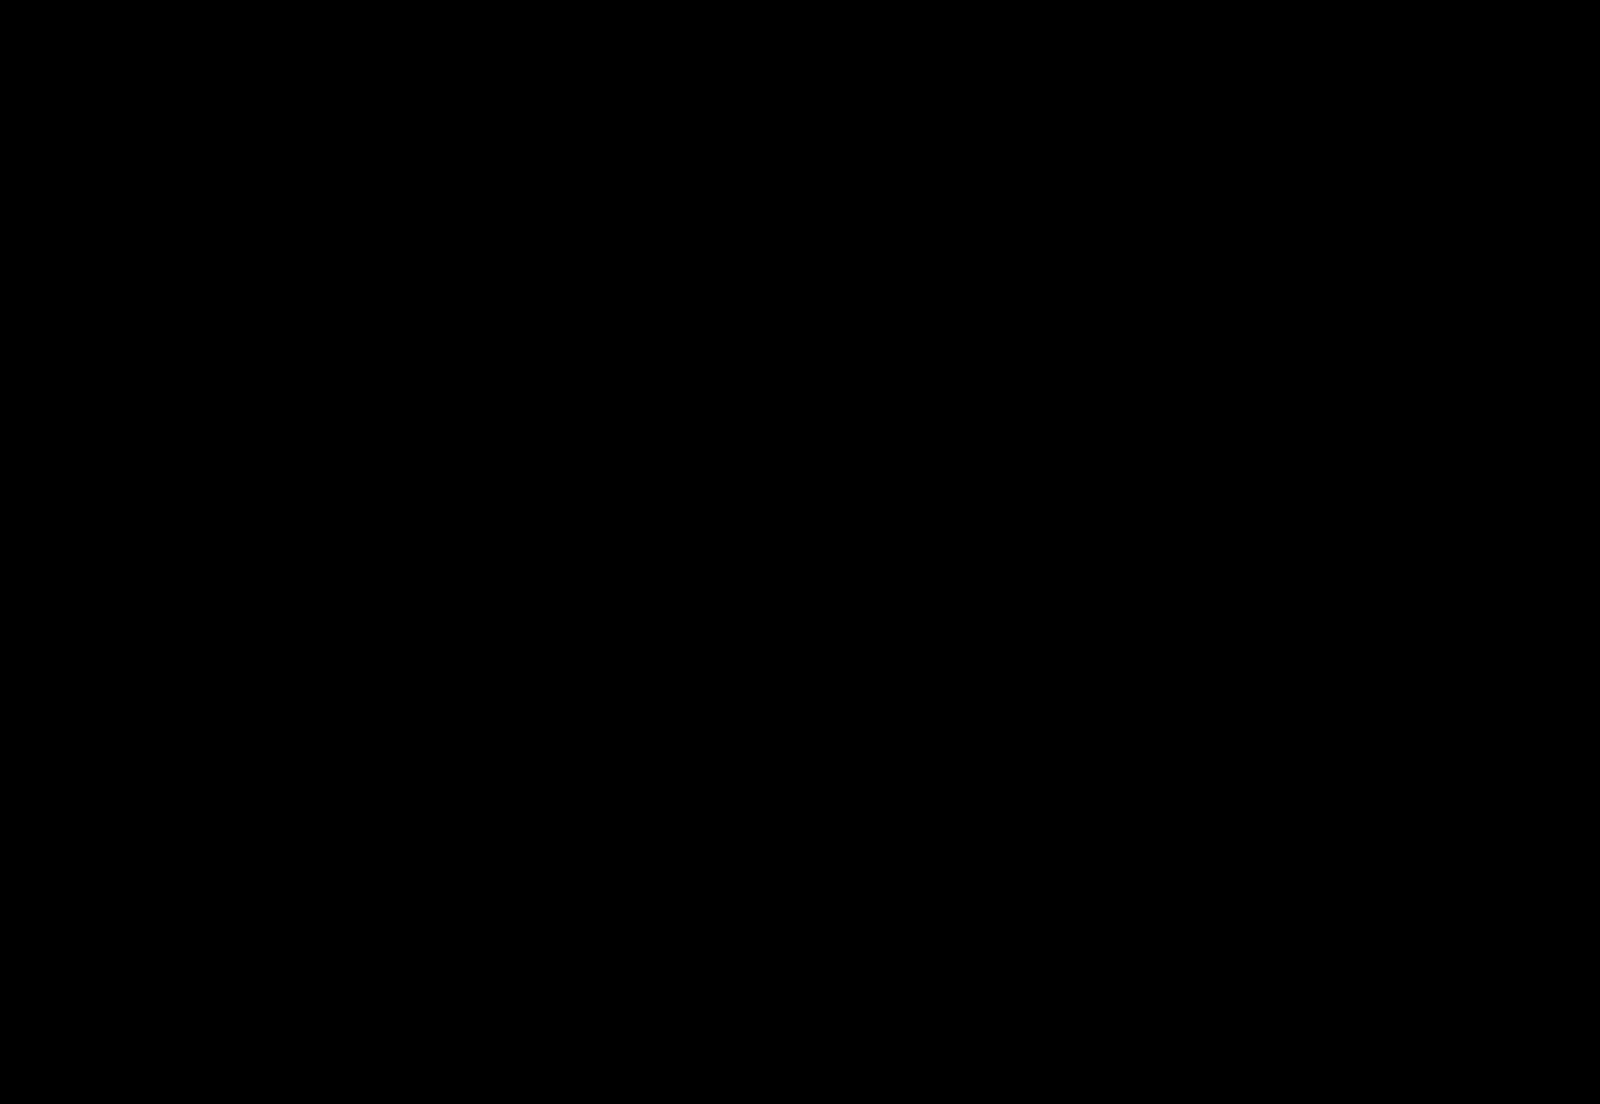 KEEISLAND-logo.png